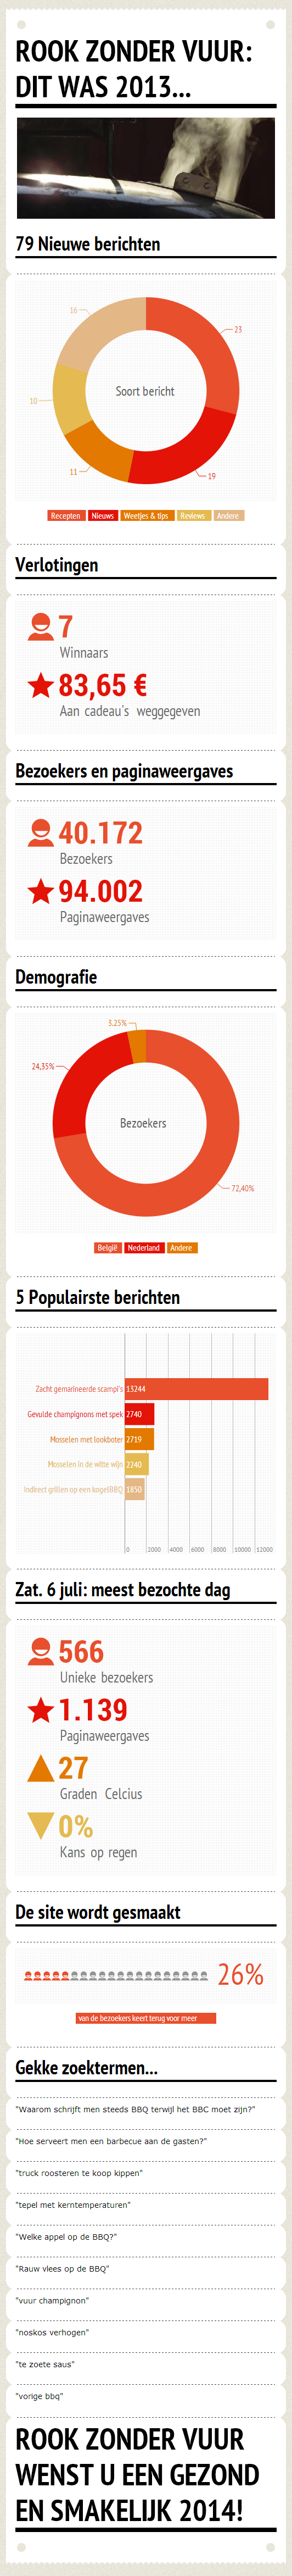 Infografiek 2013